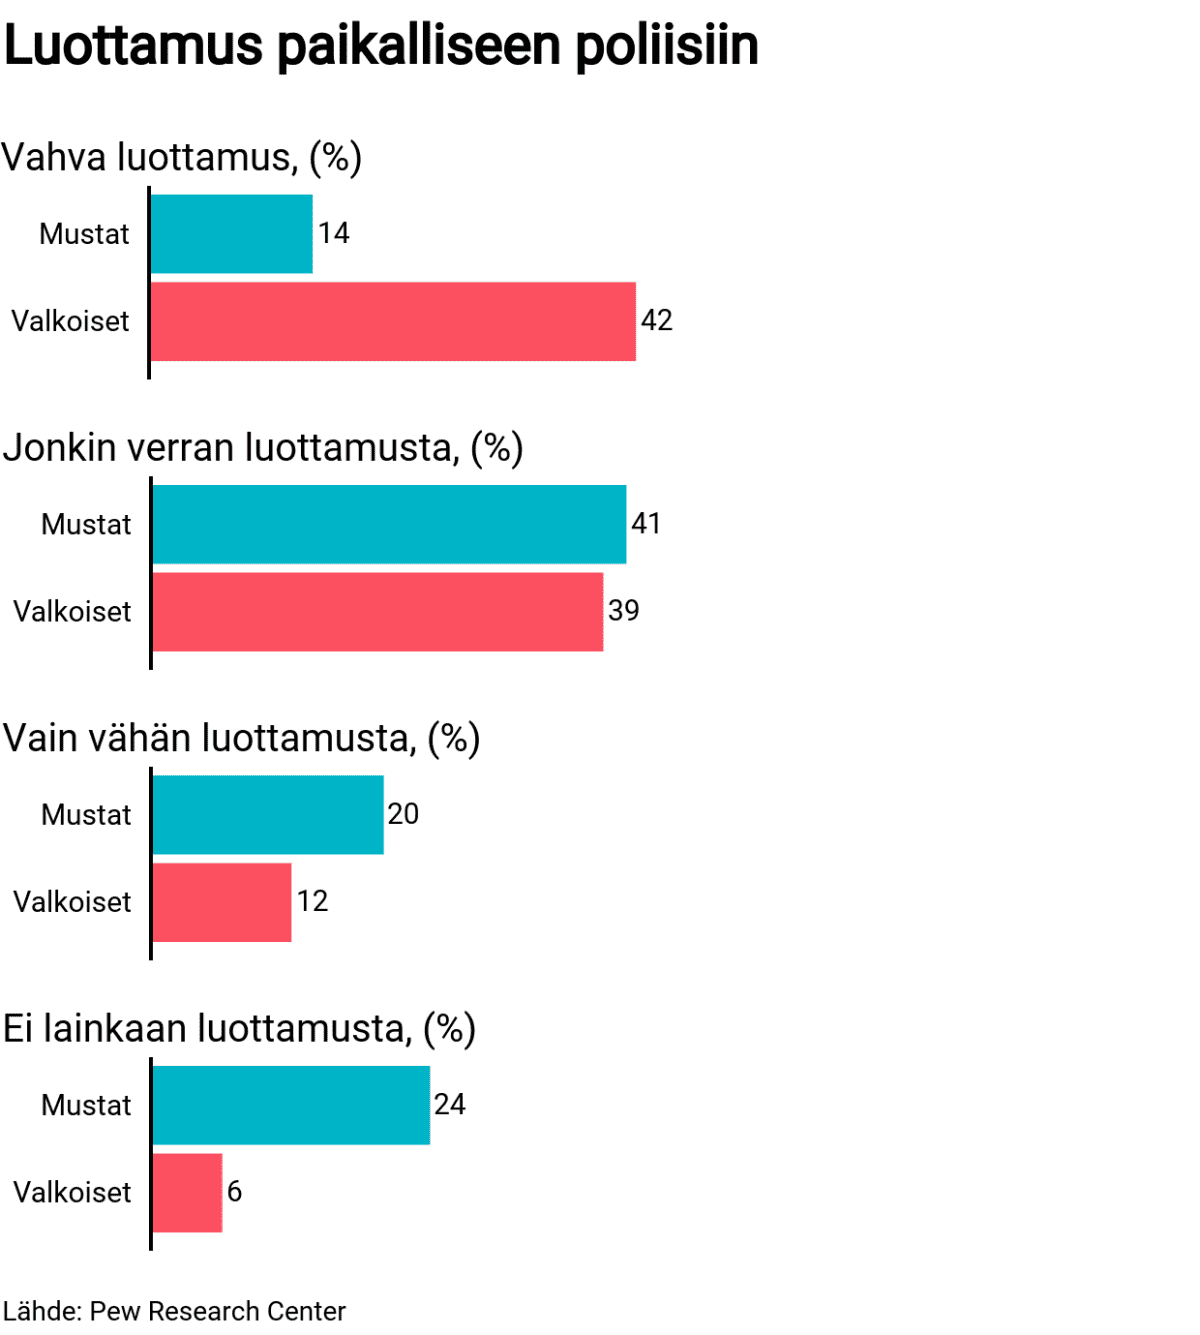 Tilastografiikka luottamuksesta paikalliseen poliisiin.